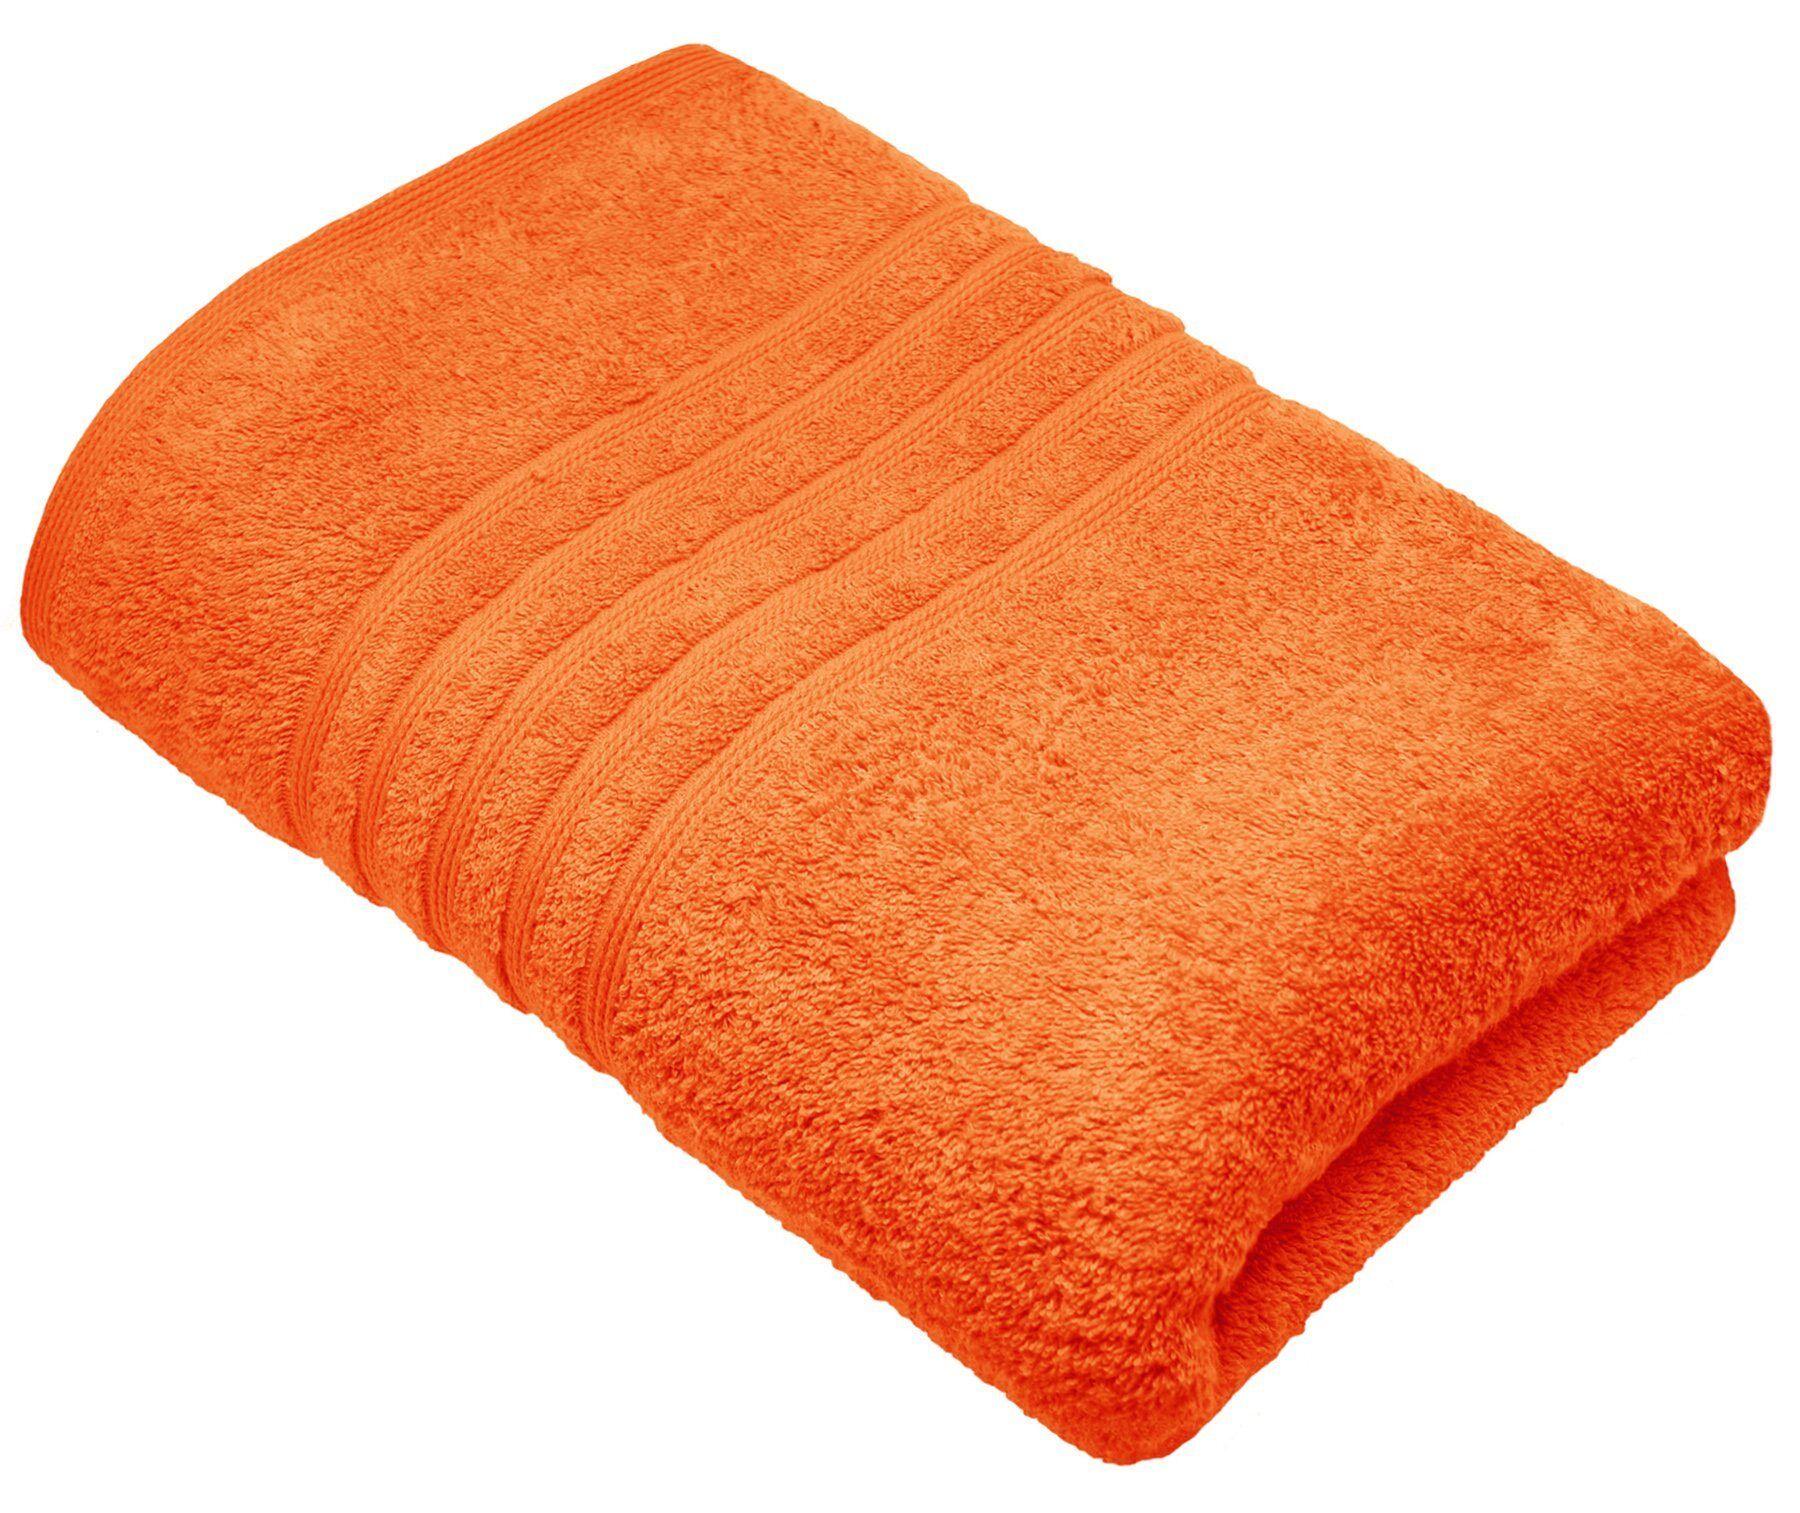 Lashuma Badetuch »London« (1-St), das einfarbige Strandtuch zum Sonne genießen! Größe: 100x150 cm, orange